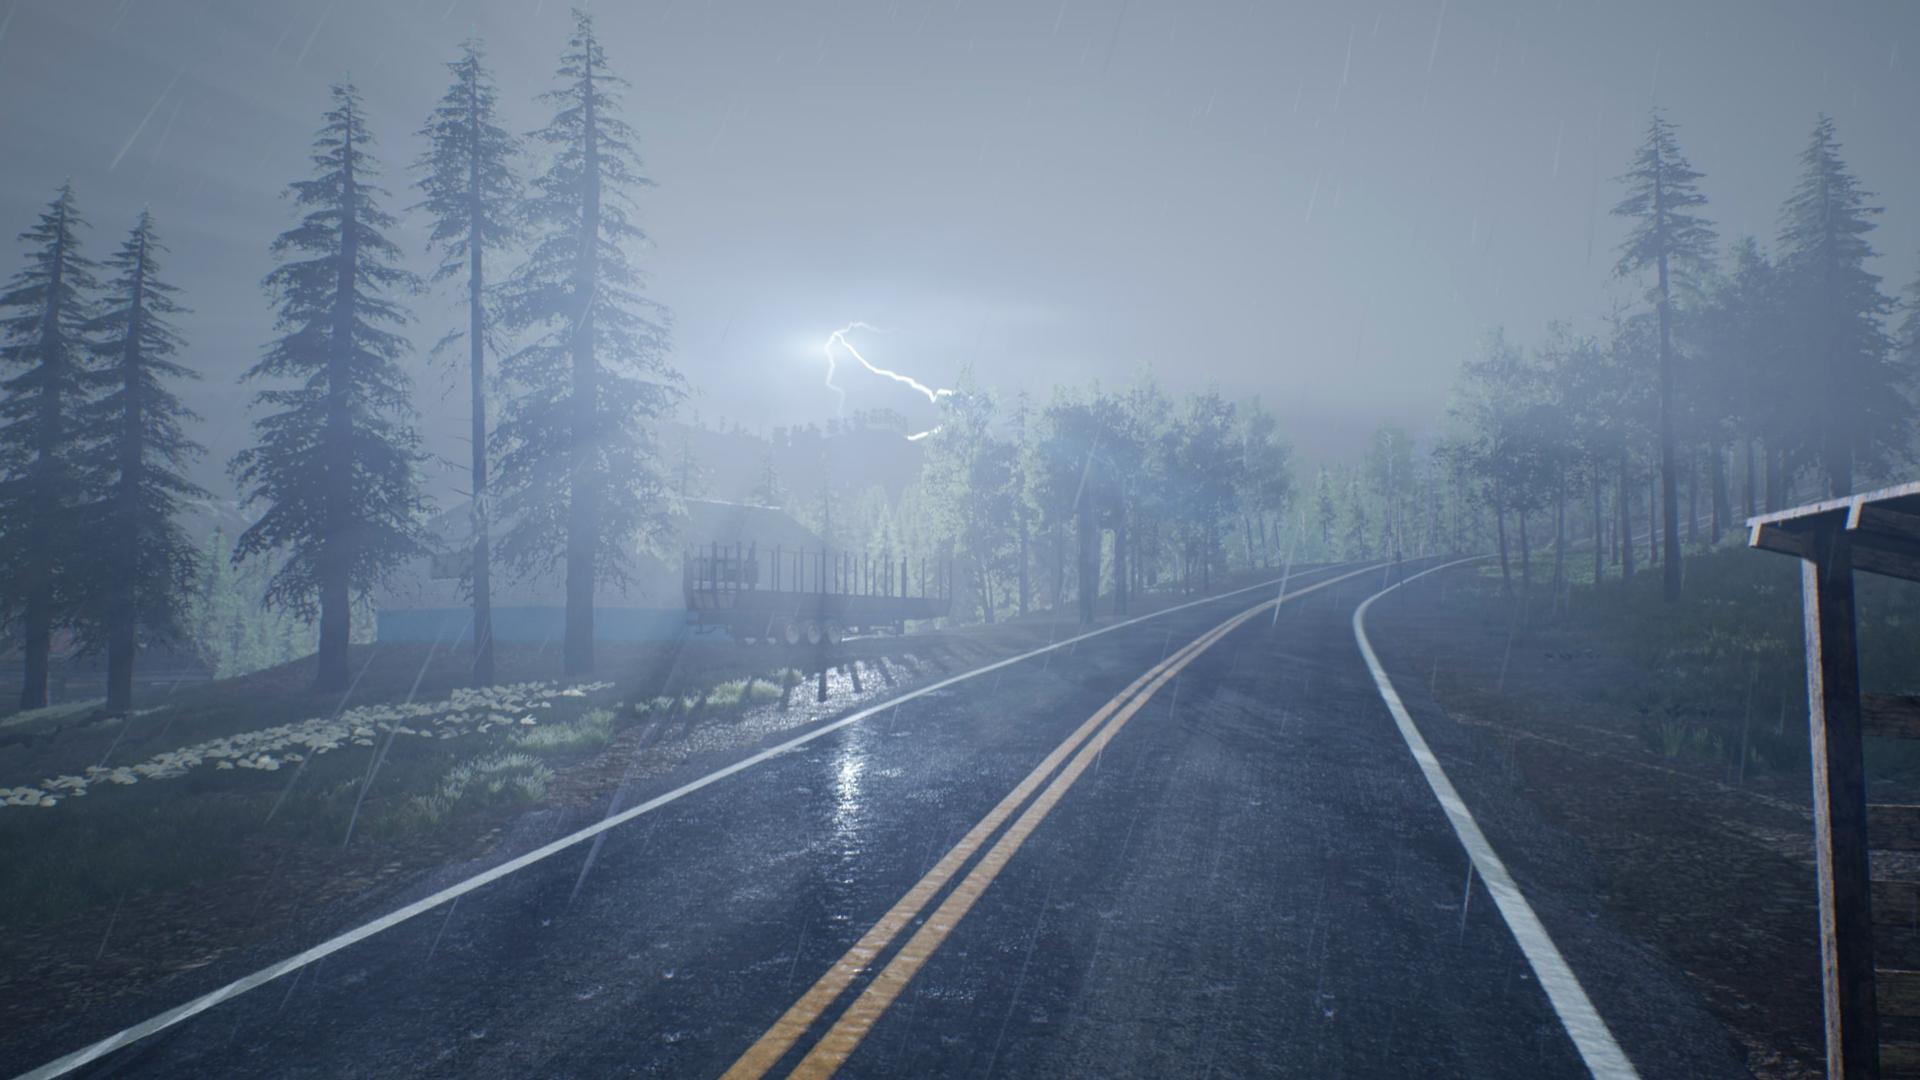 RoadLightning